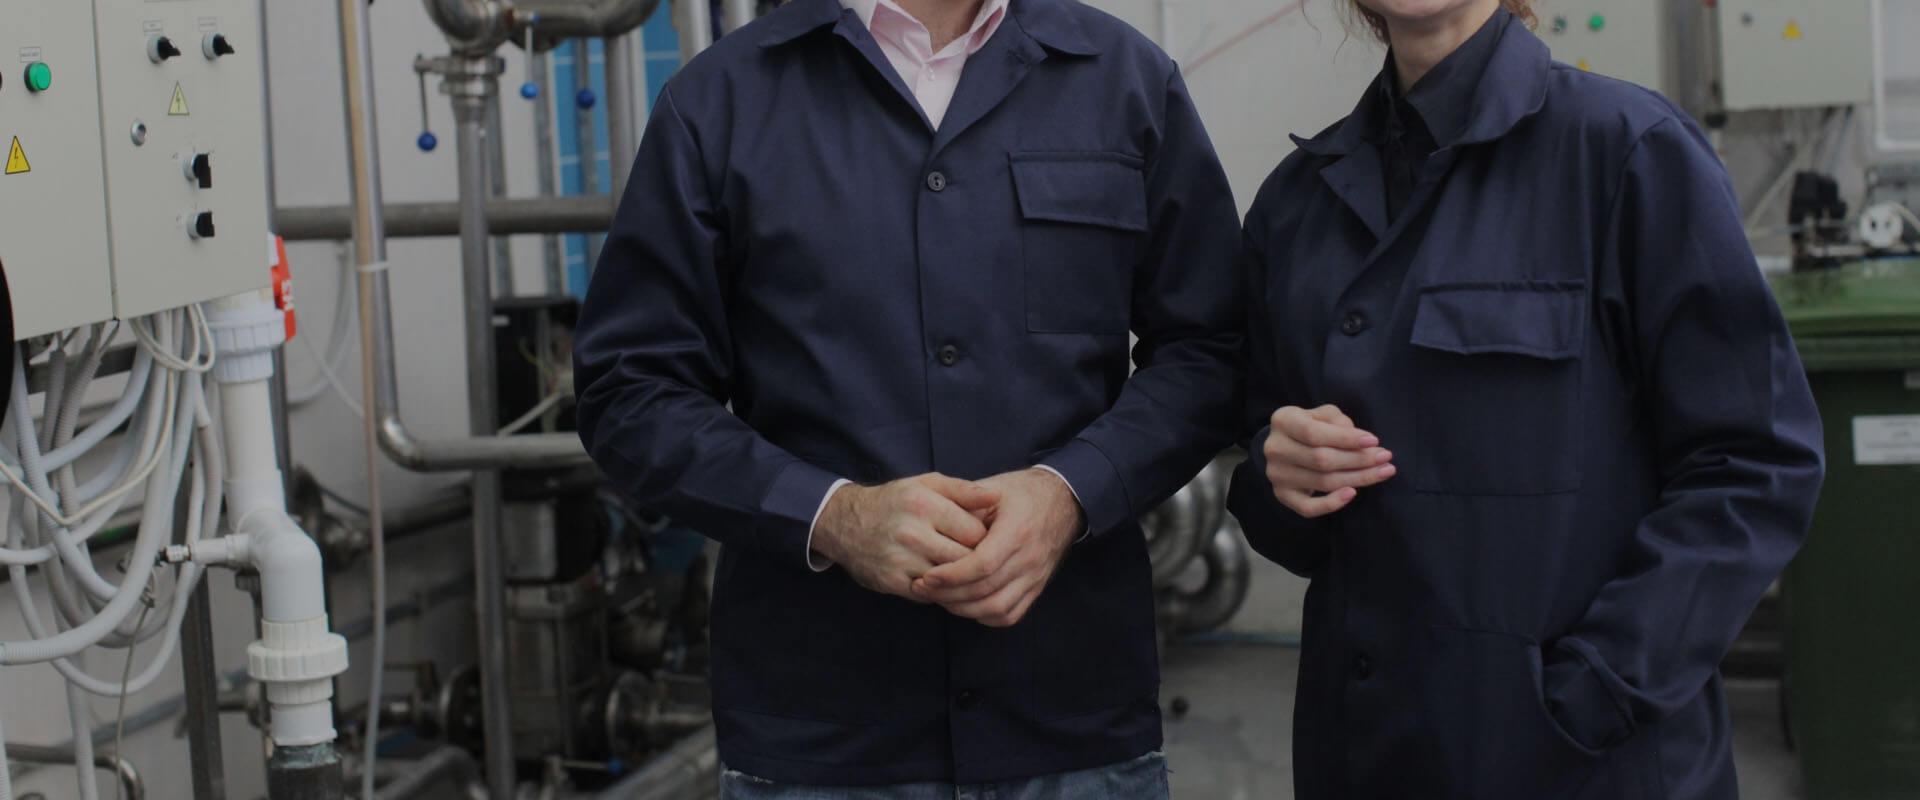 製造業の従業員たち